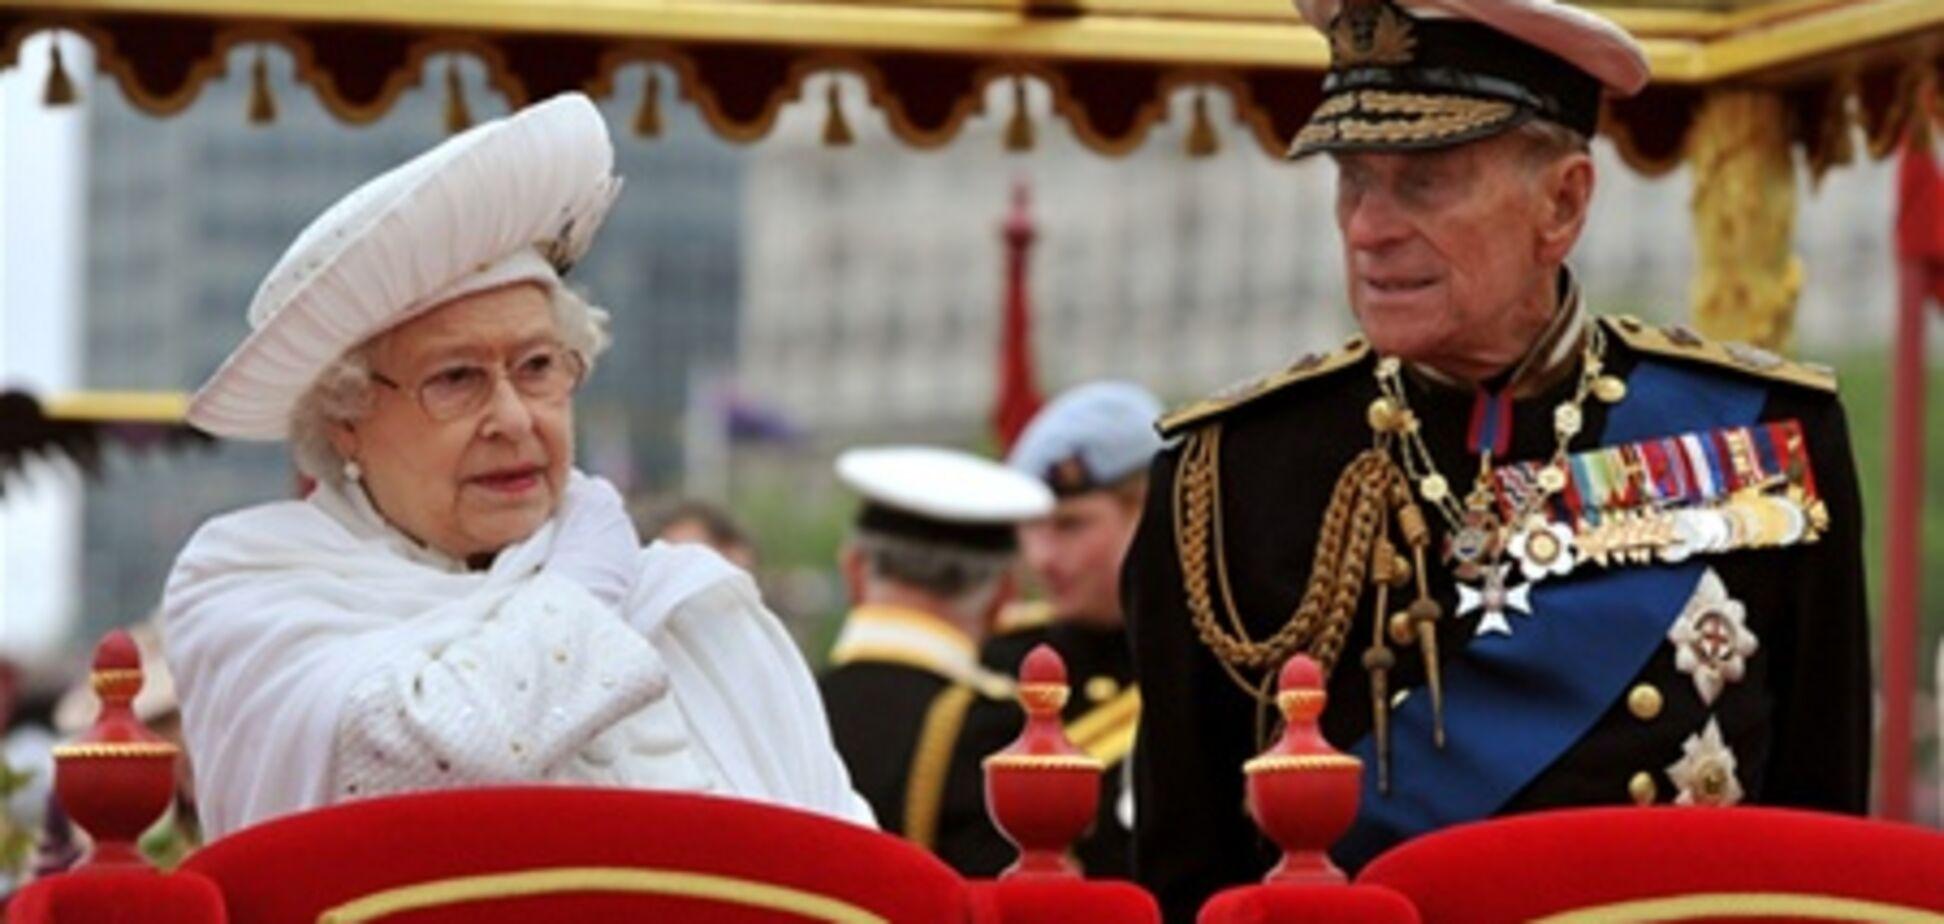 На Темзе прошел парад кораблей в честь ЕлизаветыII. Фото